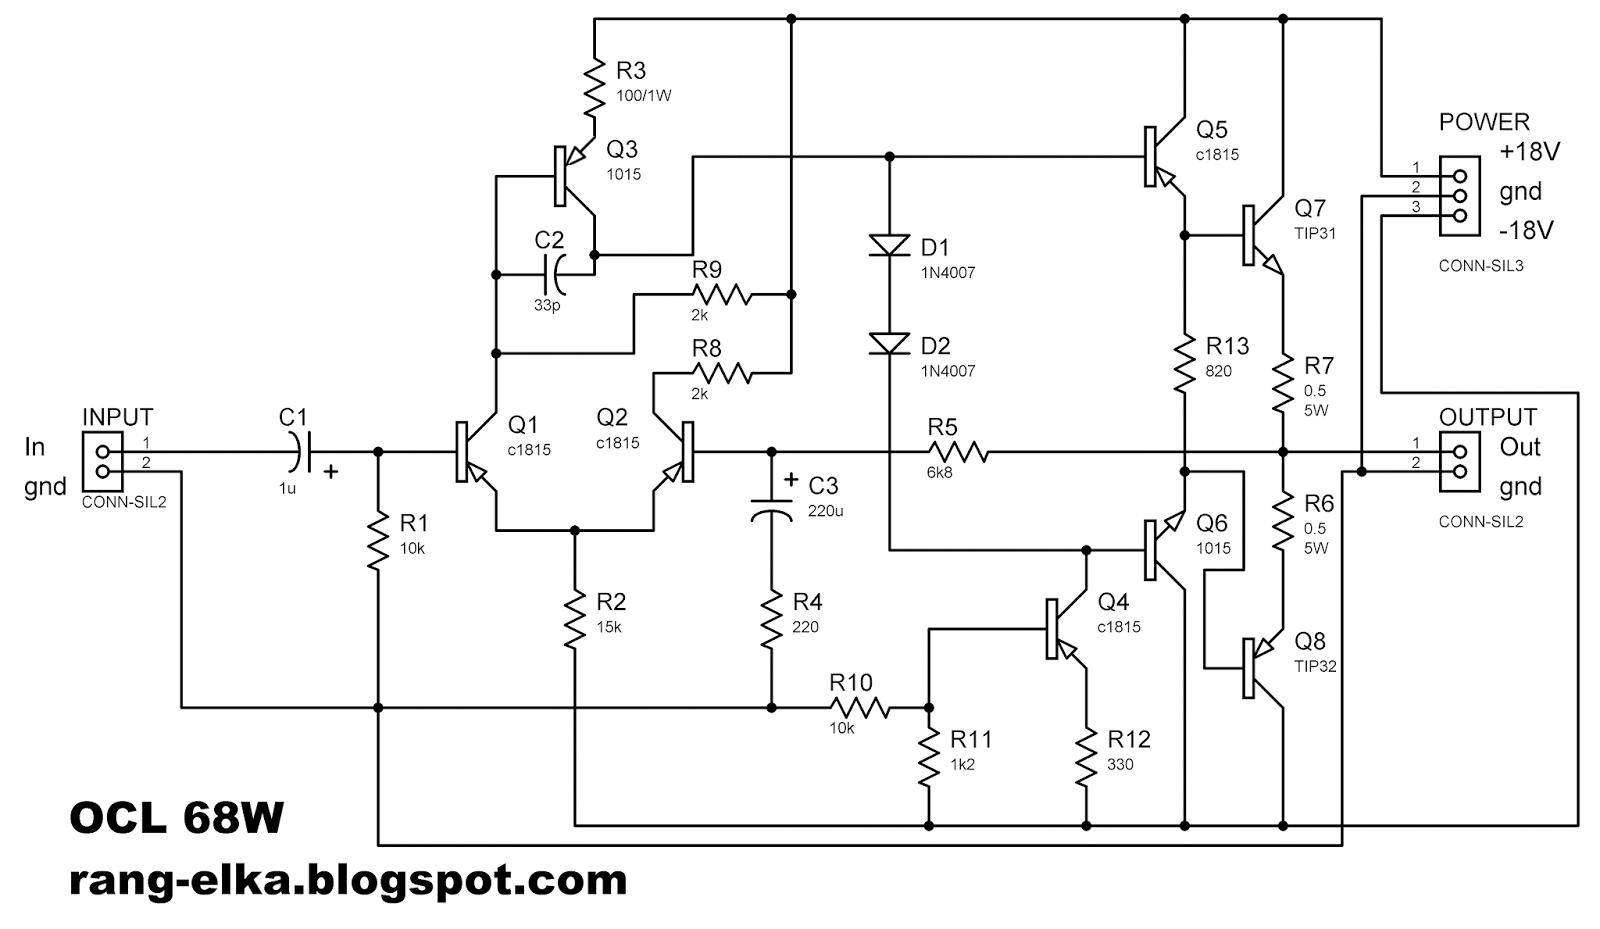 Merakit Rangkaian Elektronika 04 Rangkaian Ocl 68w